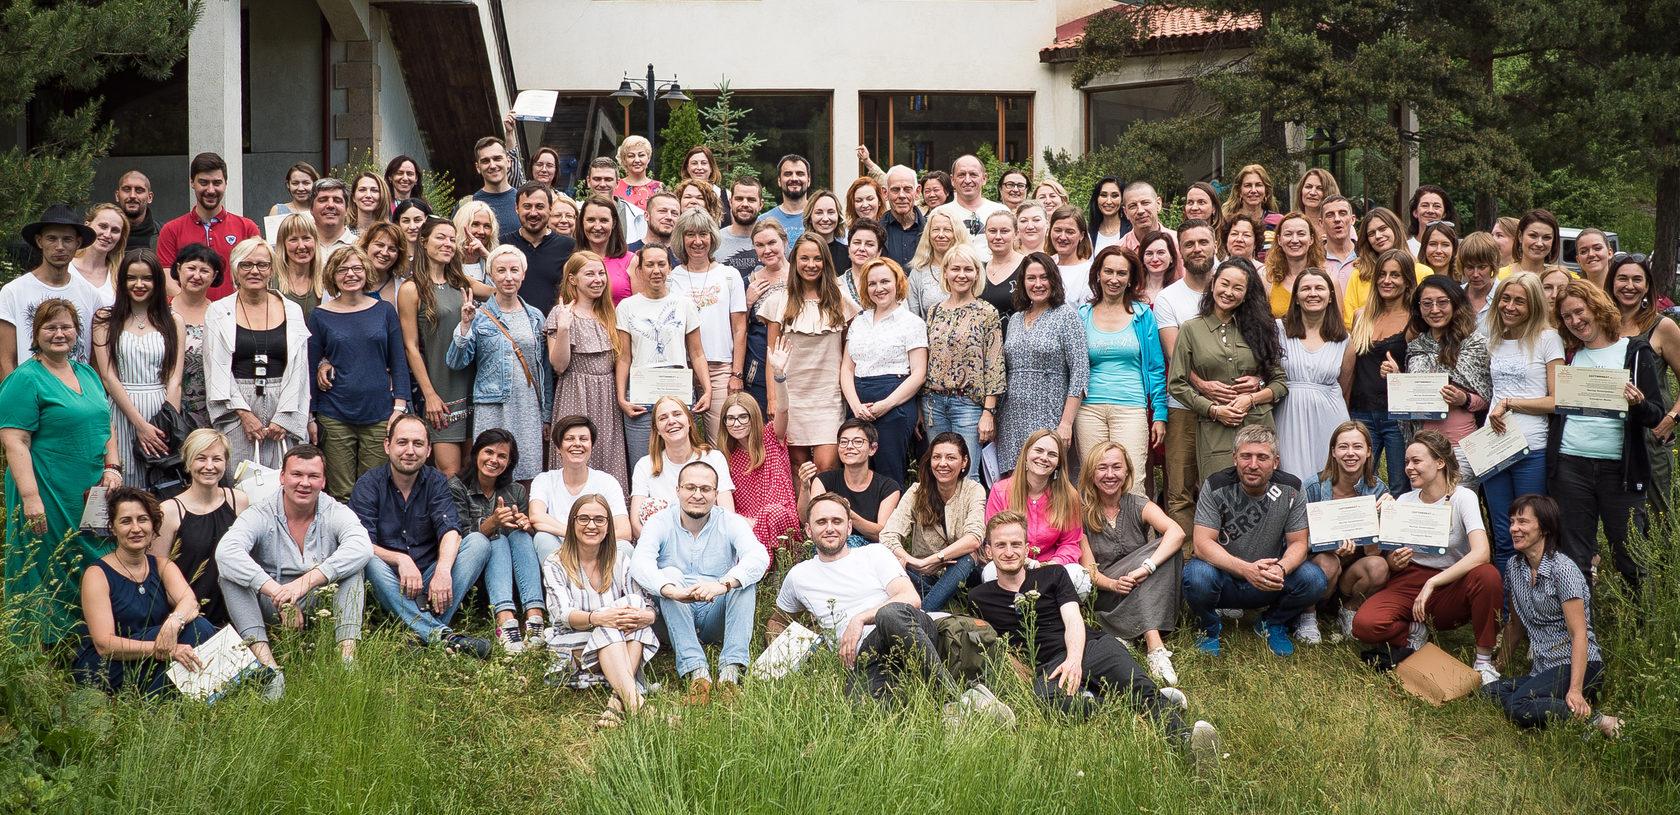 Наш VI ежегодный Международный Интенсив ICTA по коучингу, Эннеаграмме, НЛП, тренерству: июнь 2019